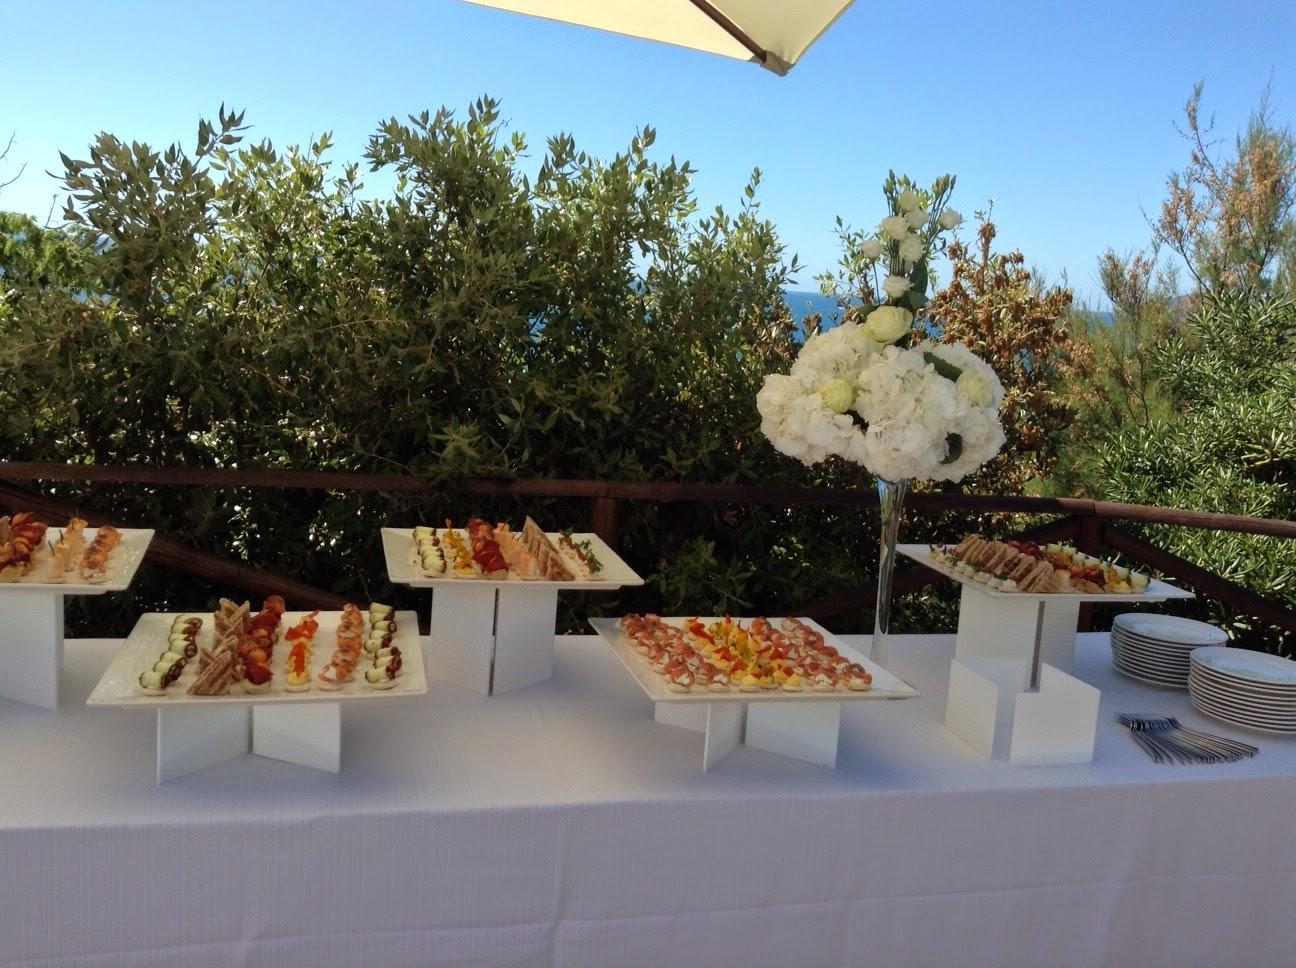 Matrimonio In Toscana Consigli : Spose italiane consigli per la sposa su come organizzare